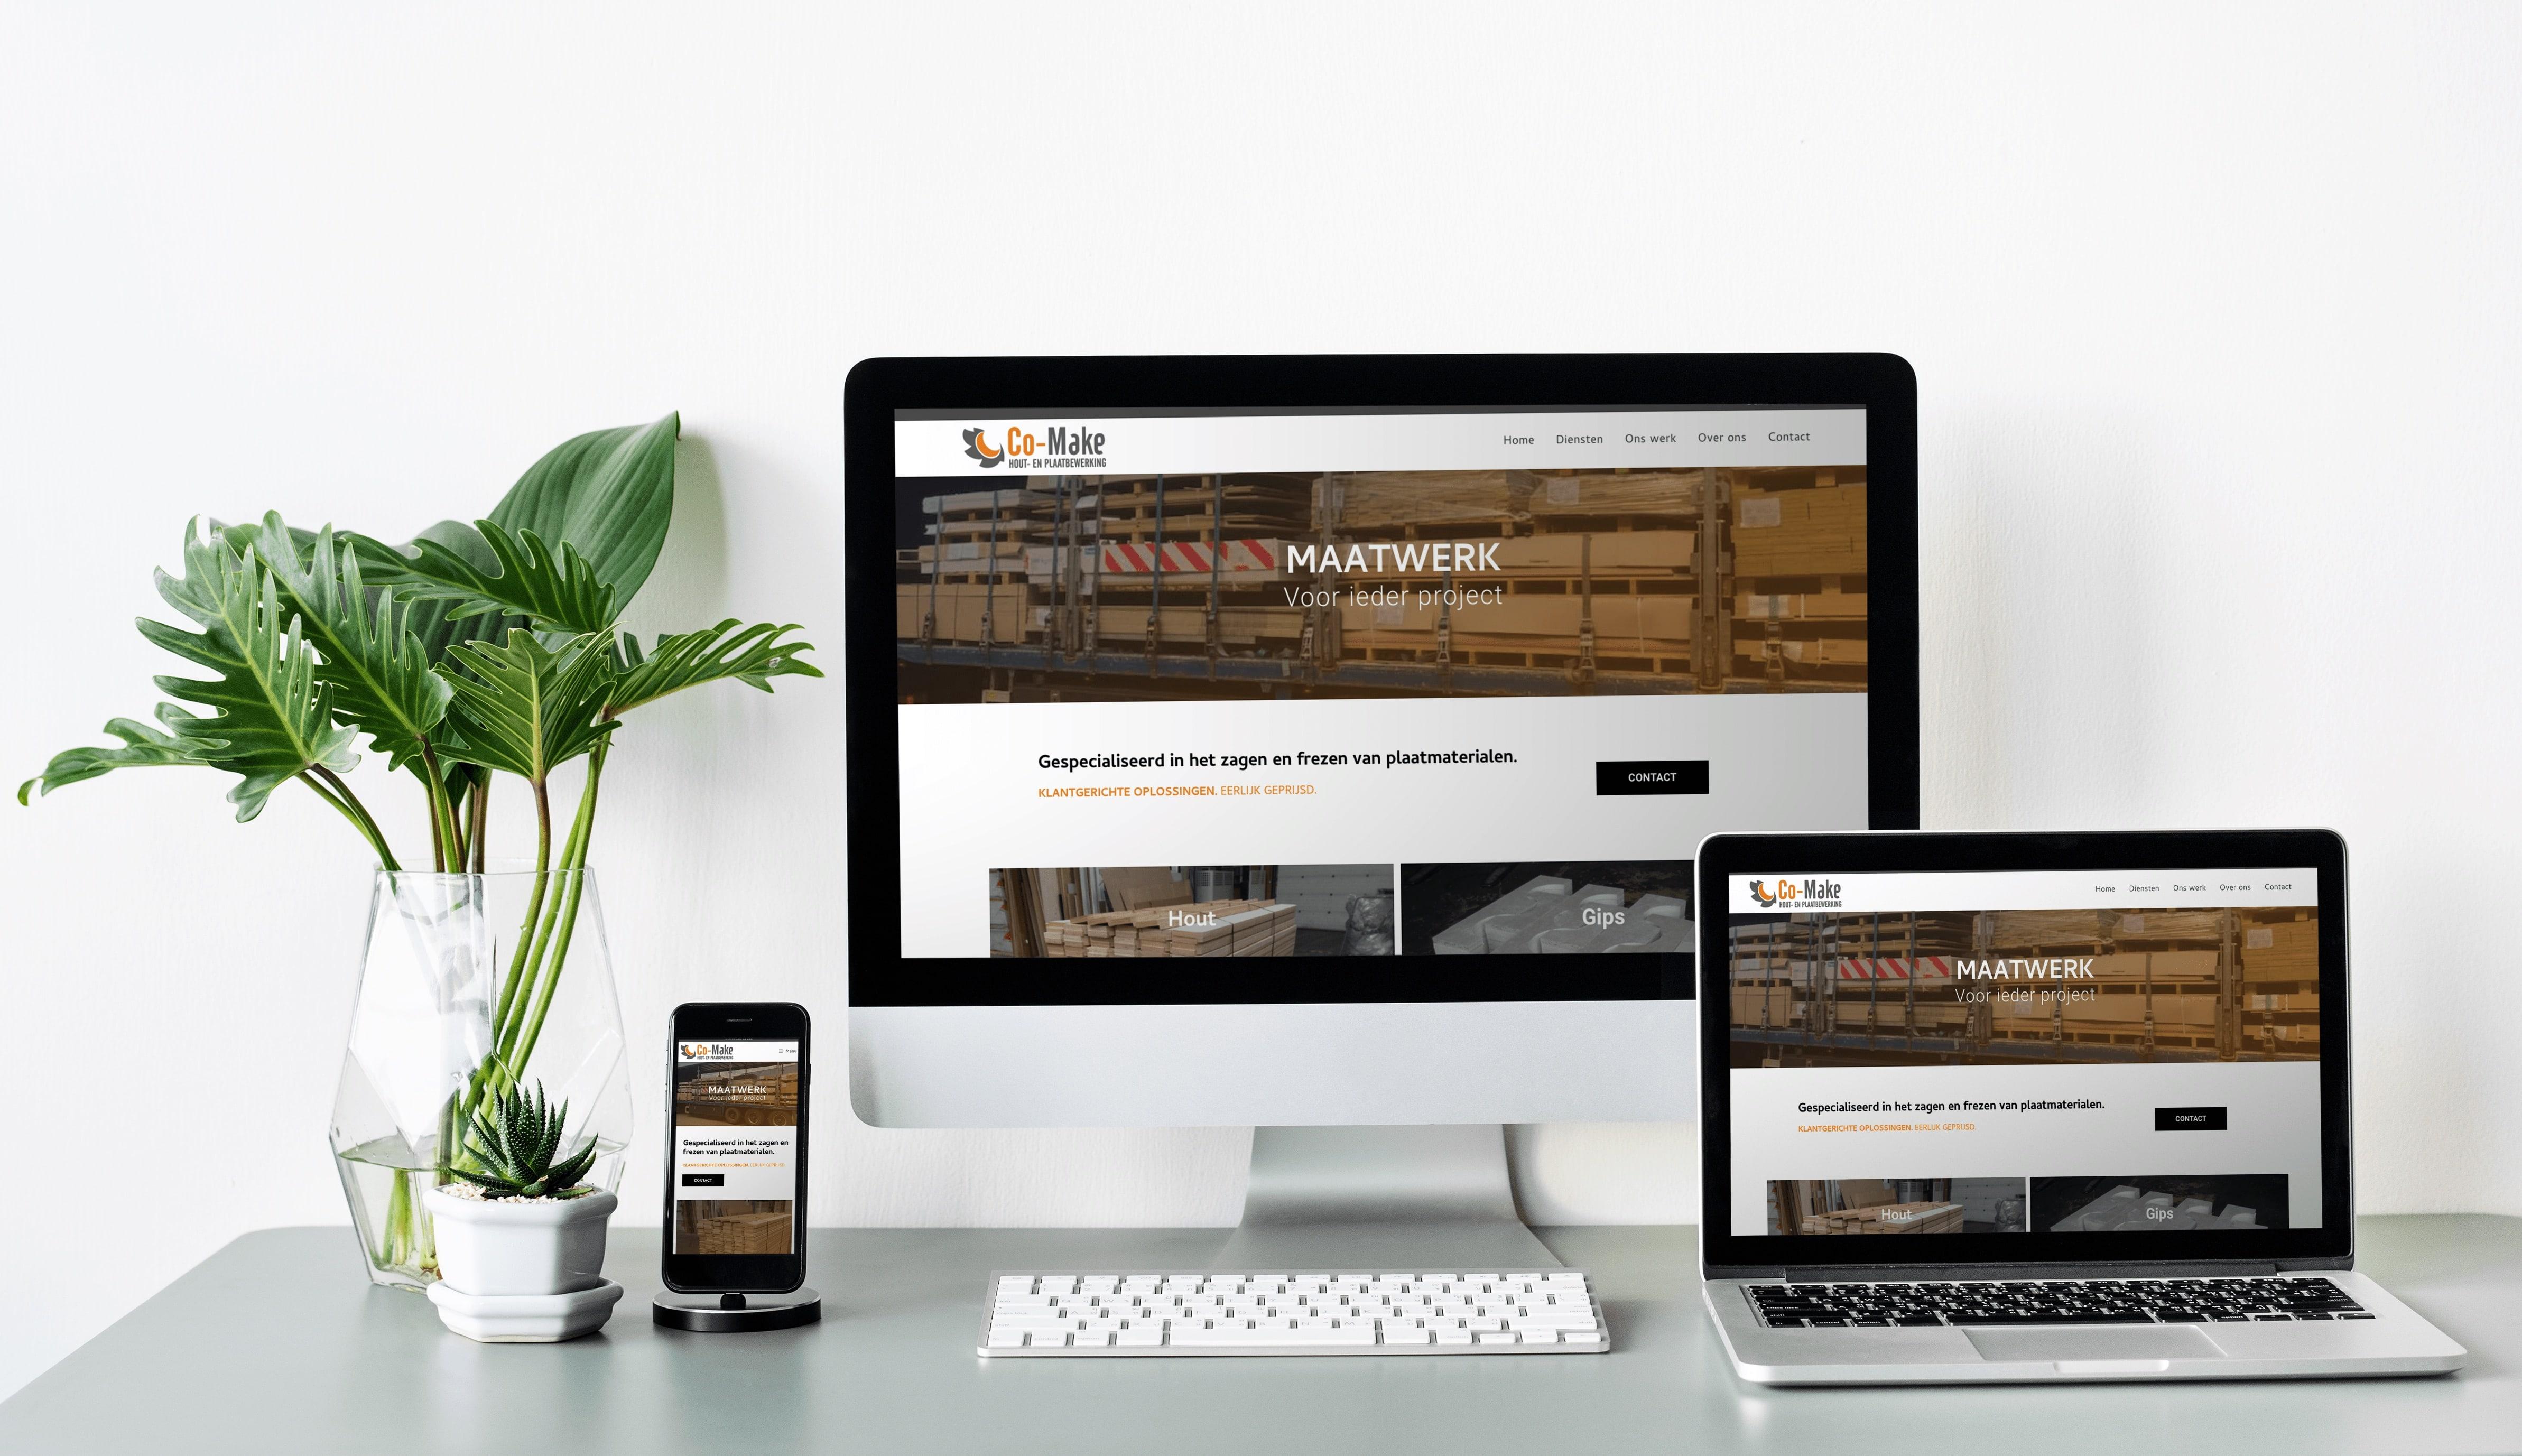 Welkom op de nieuwe website van Co-make!